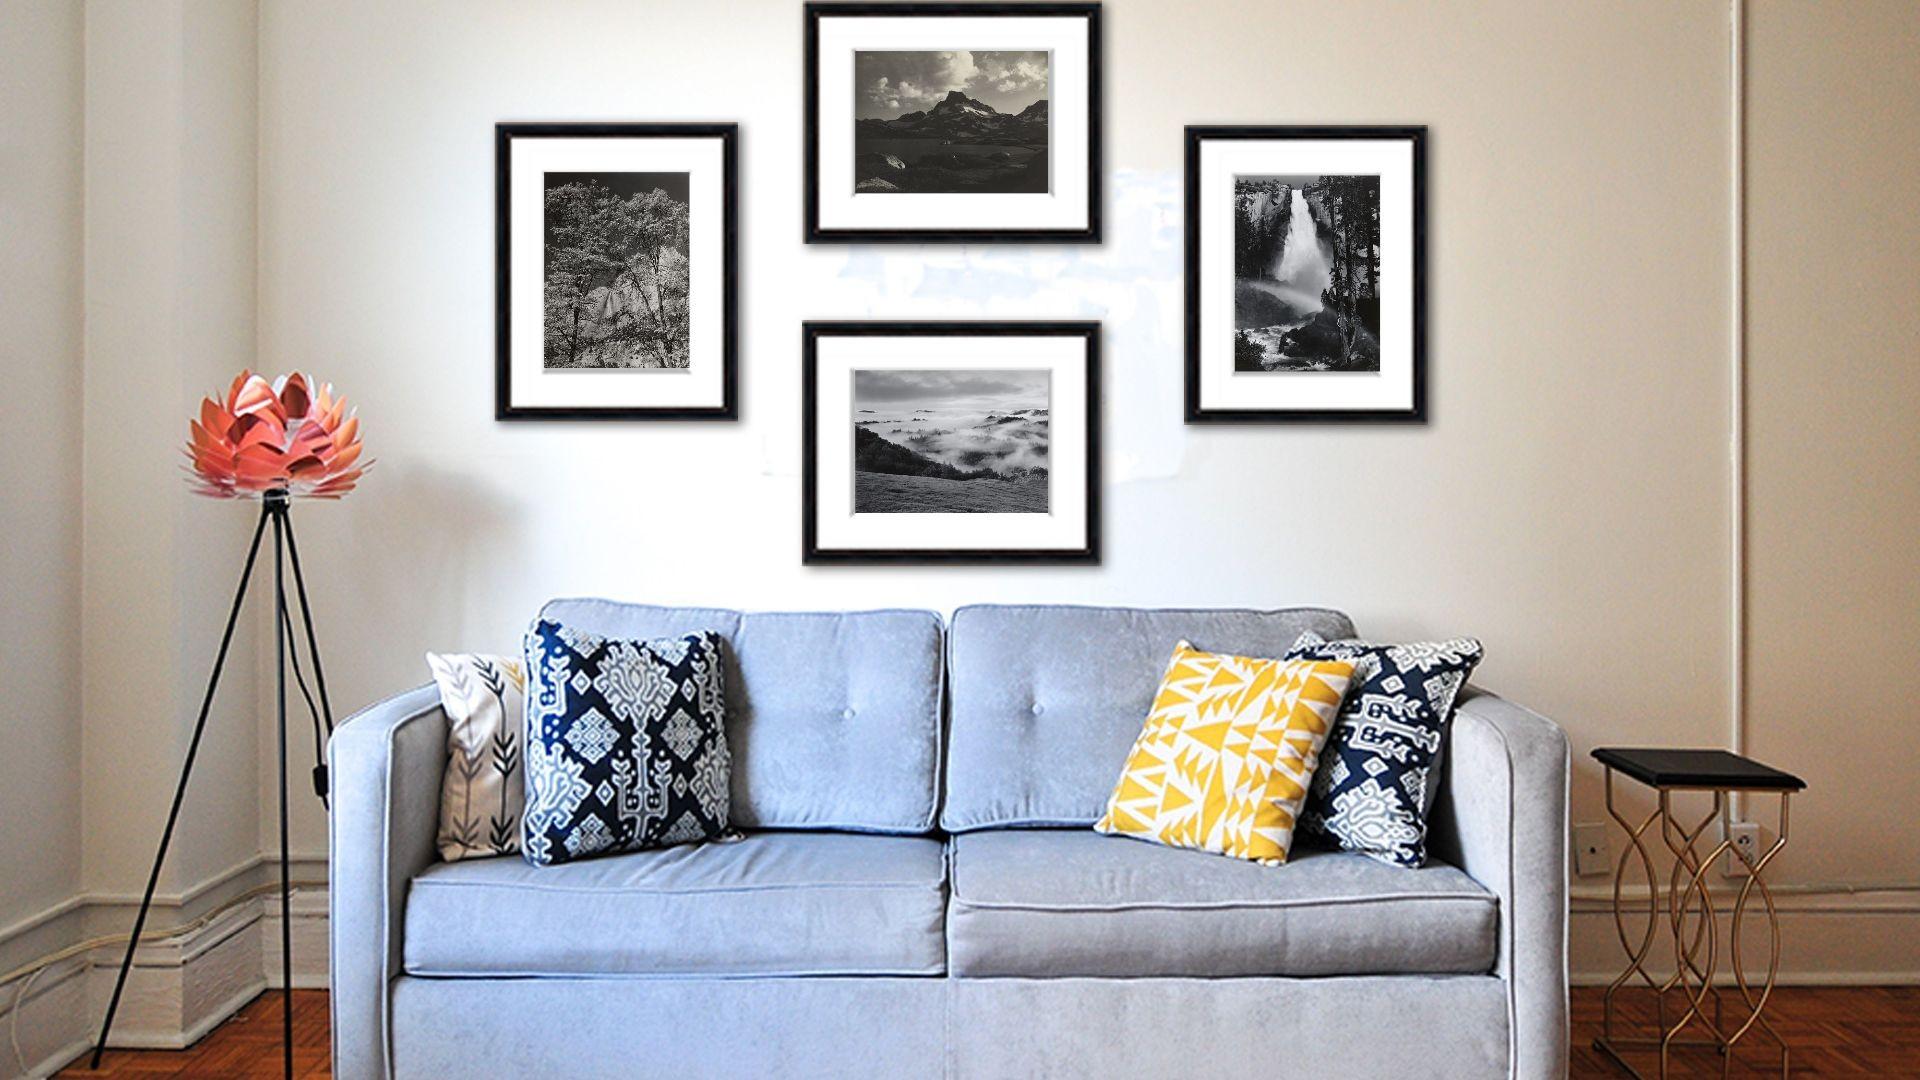 sofa gris  4  FOTOS BLANCO Y NEGROl